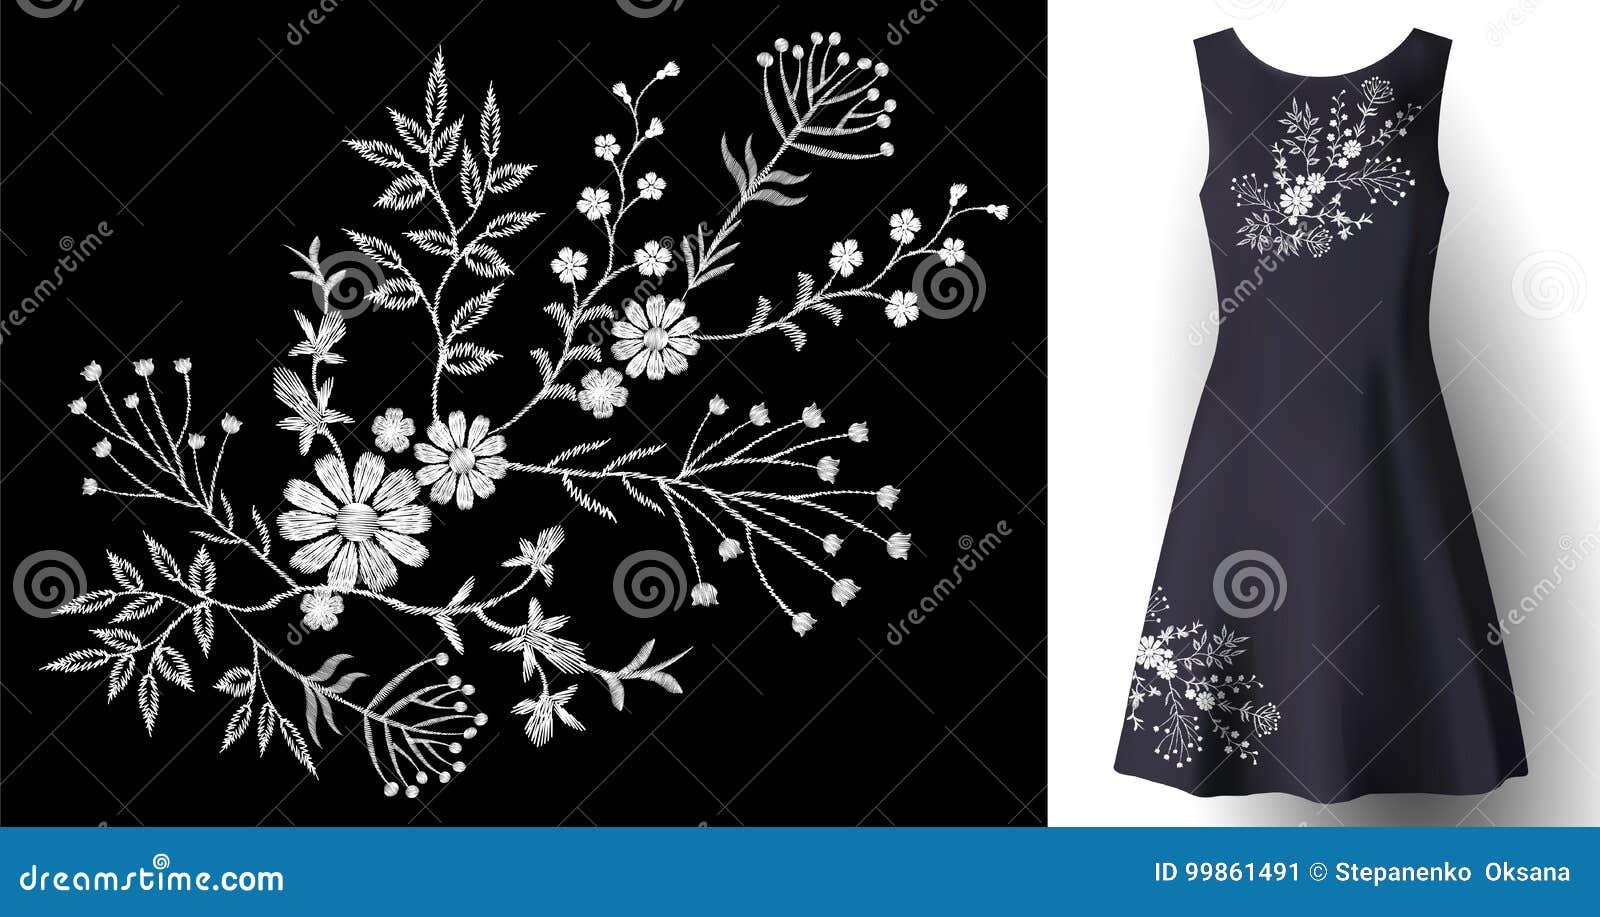 Decoración floral de la mujer del bordado realista del vestido la moda detallada 3d cosió el remiendo blanco del ornamento en azu